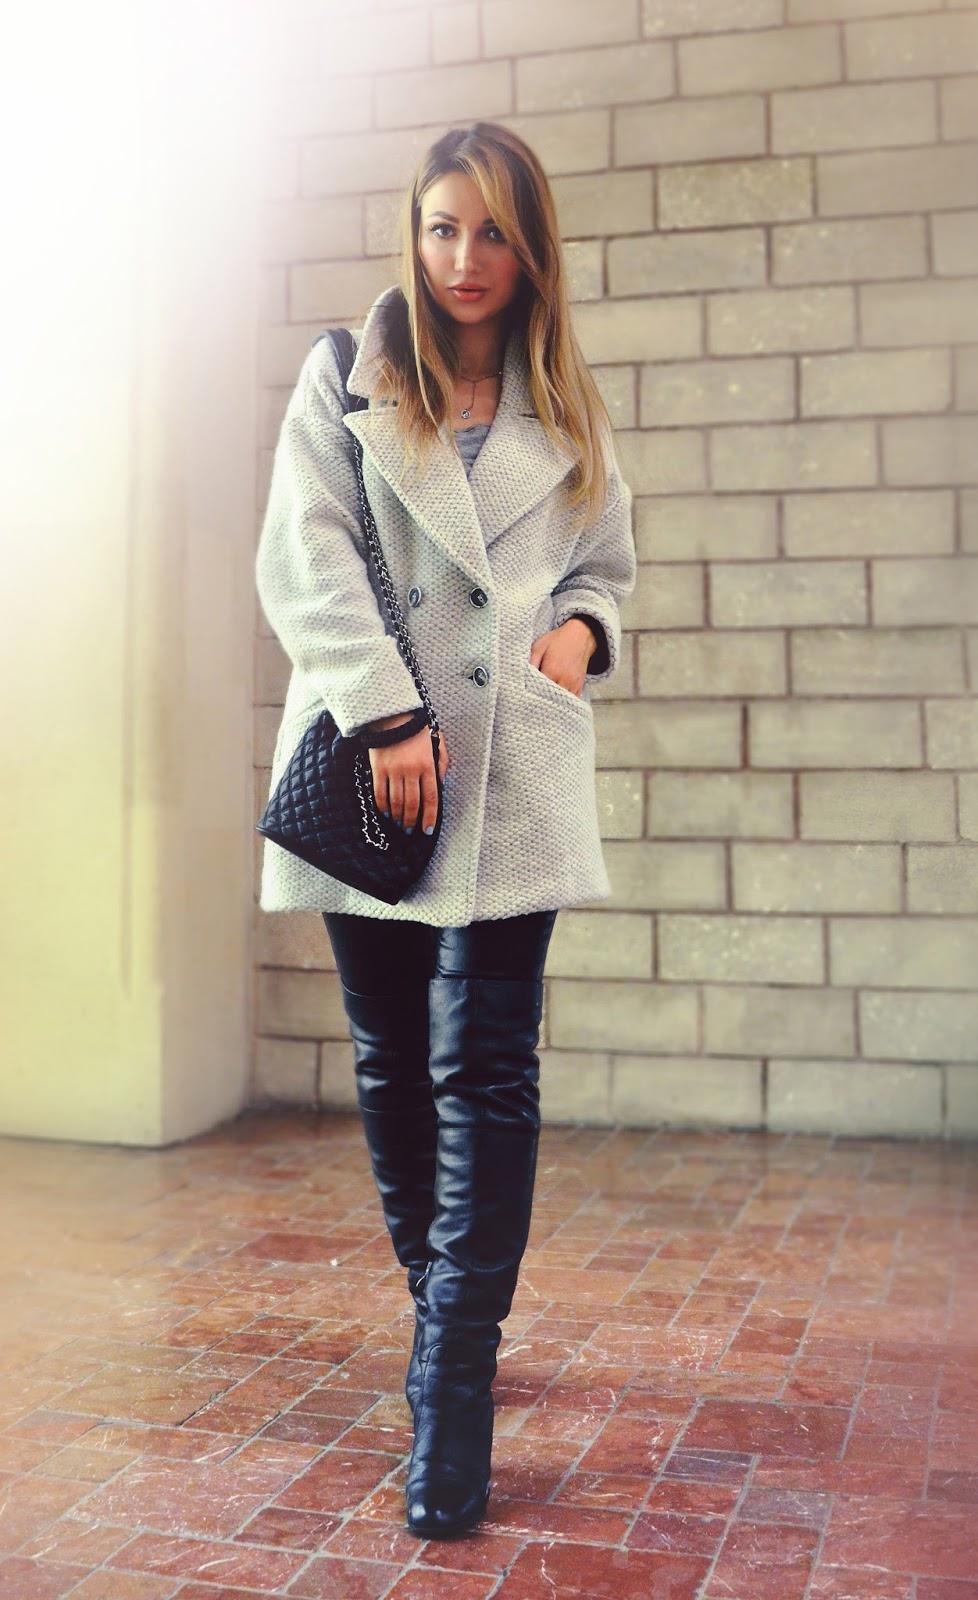 модные образы блоггеров весна лето 2015 fashion, fashion блоггеры, модные блоггеры, модные блоггеры 2016, модные образы, блоггеры россии